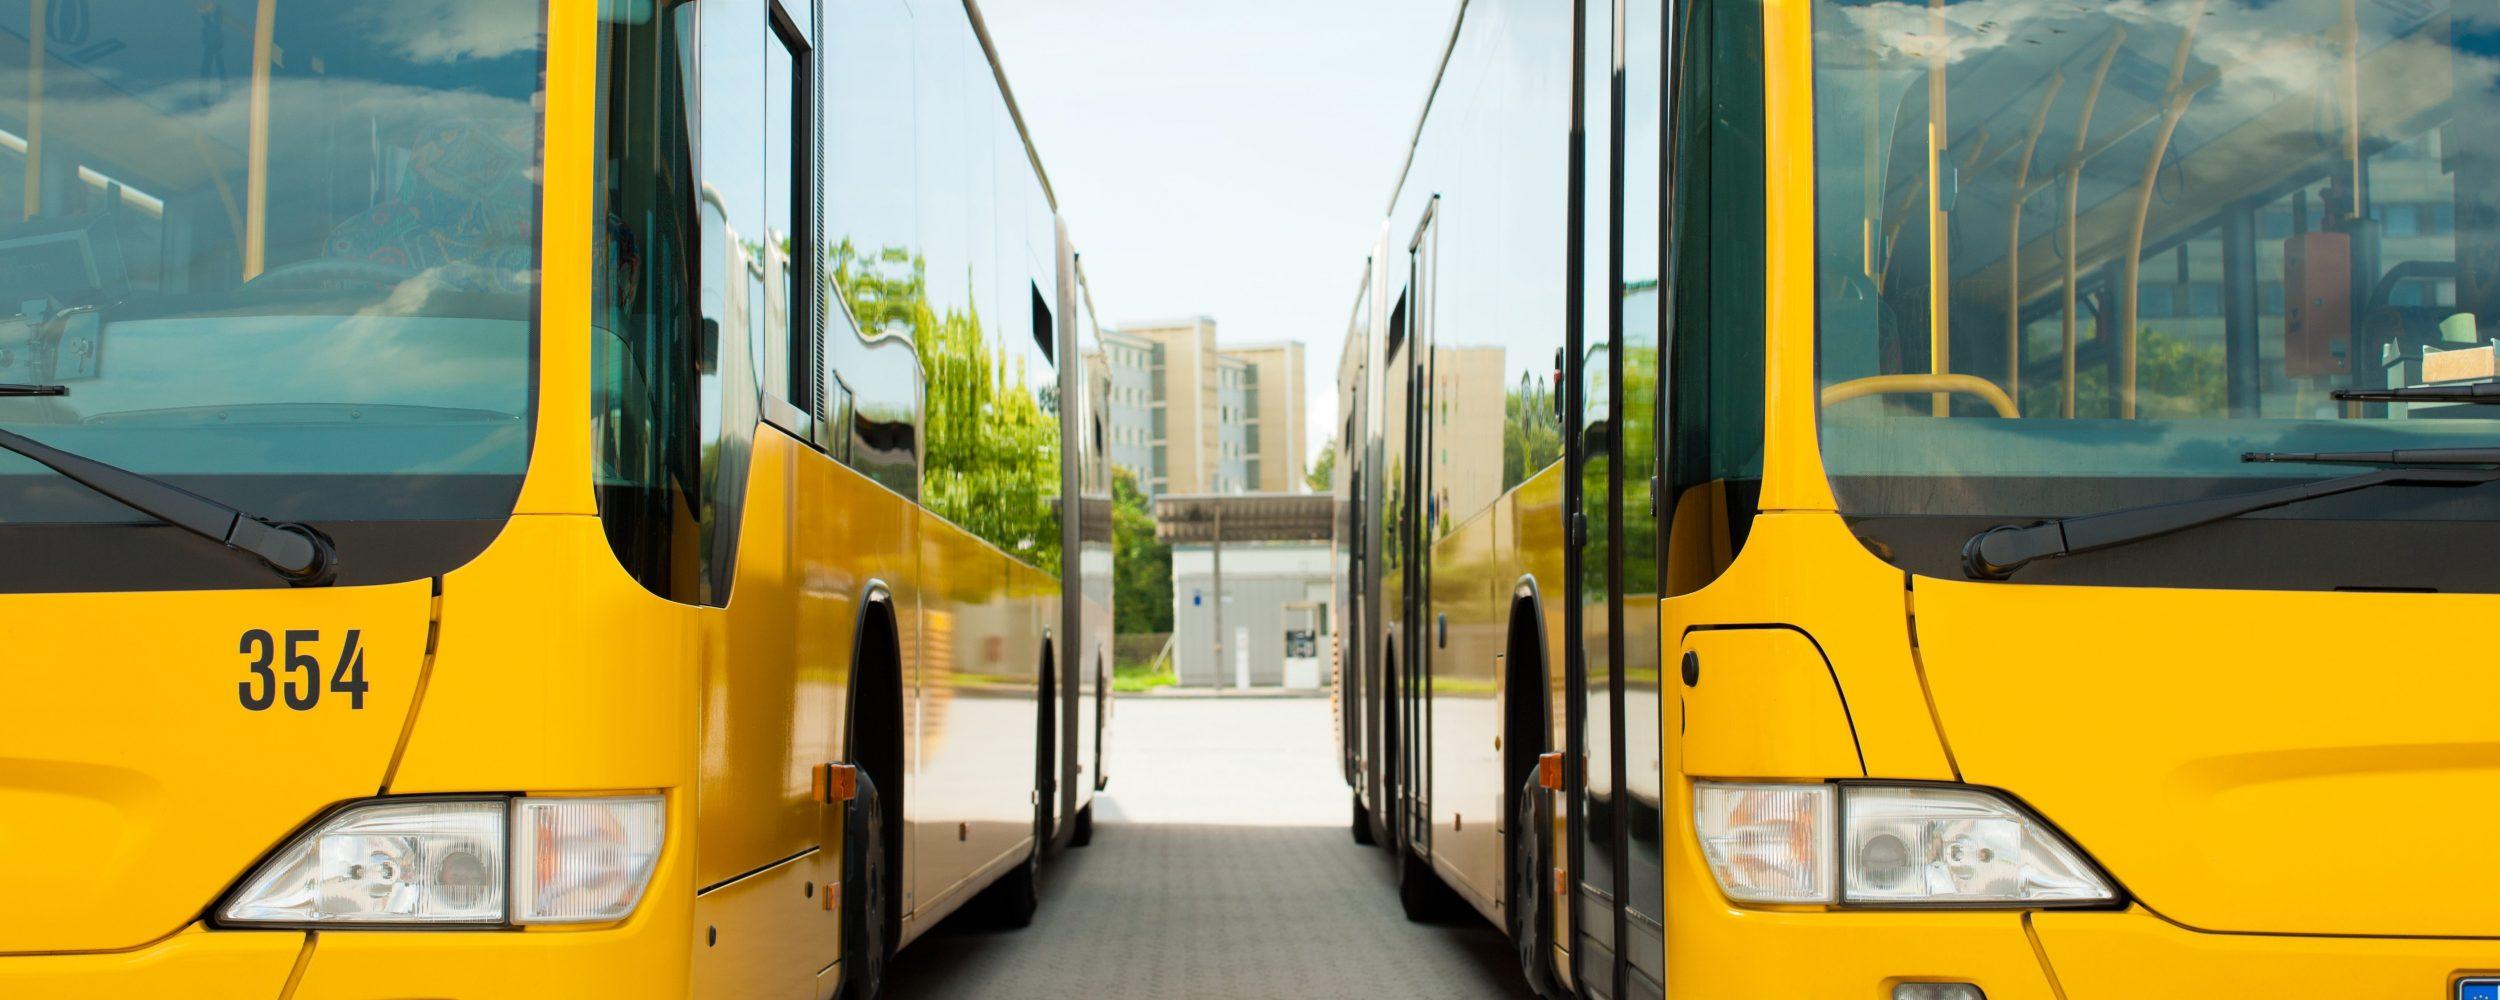 Wasserstoff: Das Schlüsselelement in der Mobilitätswende